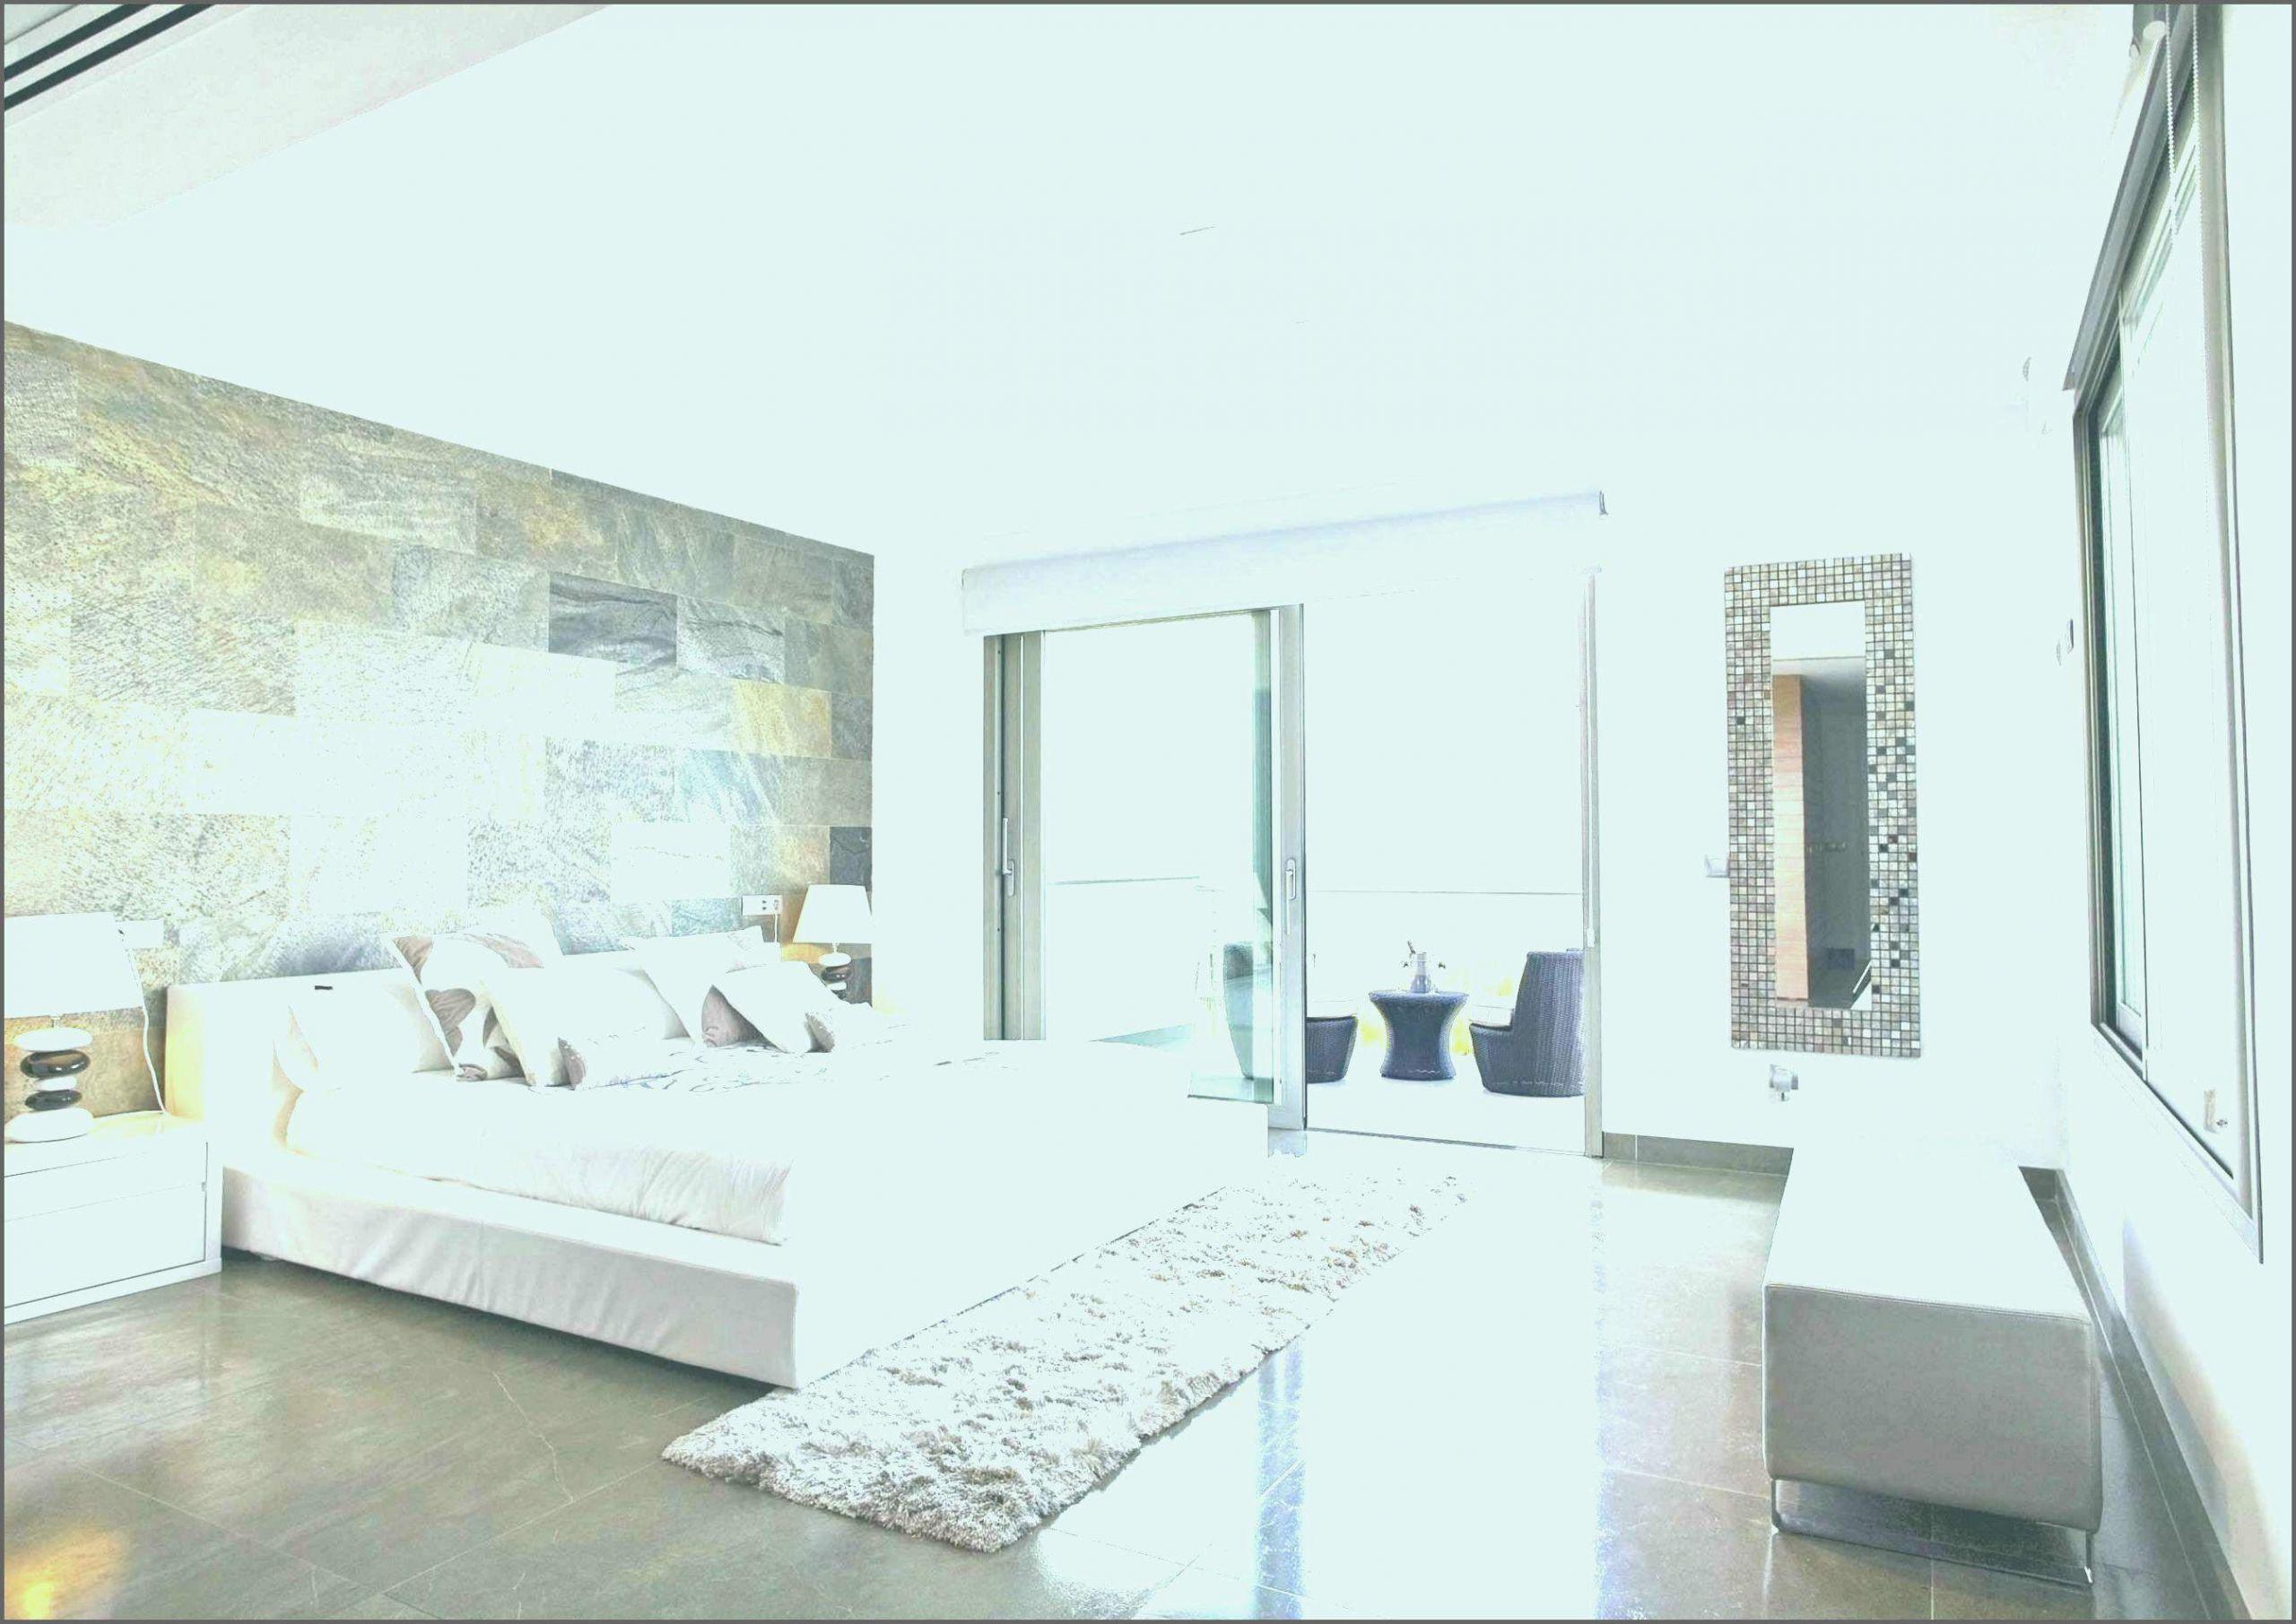 Full Size of Tapeten Schlafzimmer Trends 2018 Wohnzimmer Das Beste Von Tapete Set Mit Matratze Und Lattenrost Komplett Weiß Günstige Led Deckenleuchte Komplettes Betten Schlafzimmer Tapeten Schlafzimmer